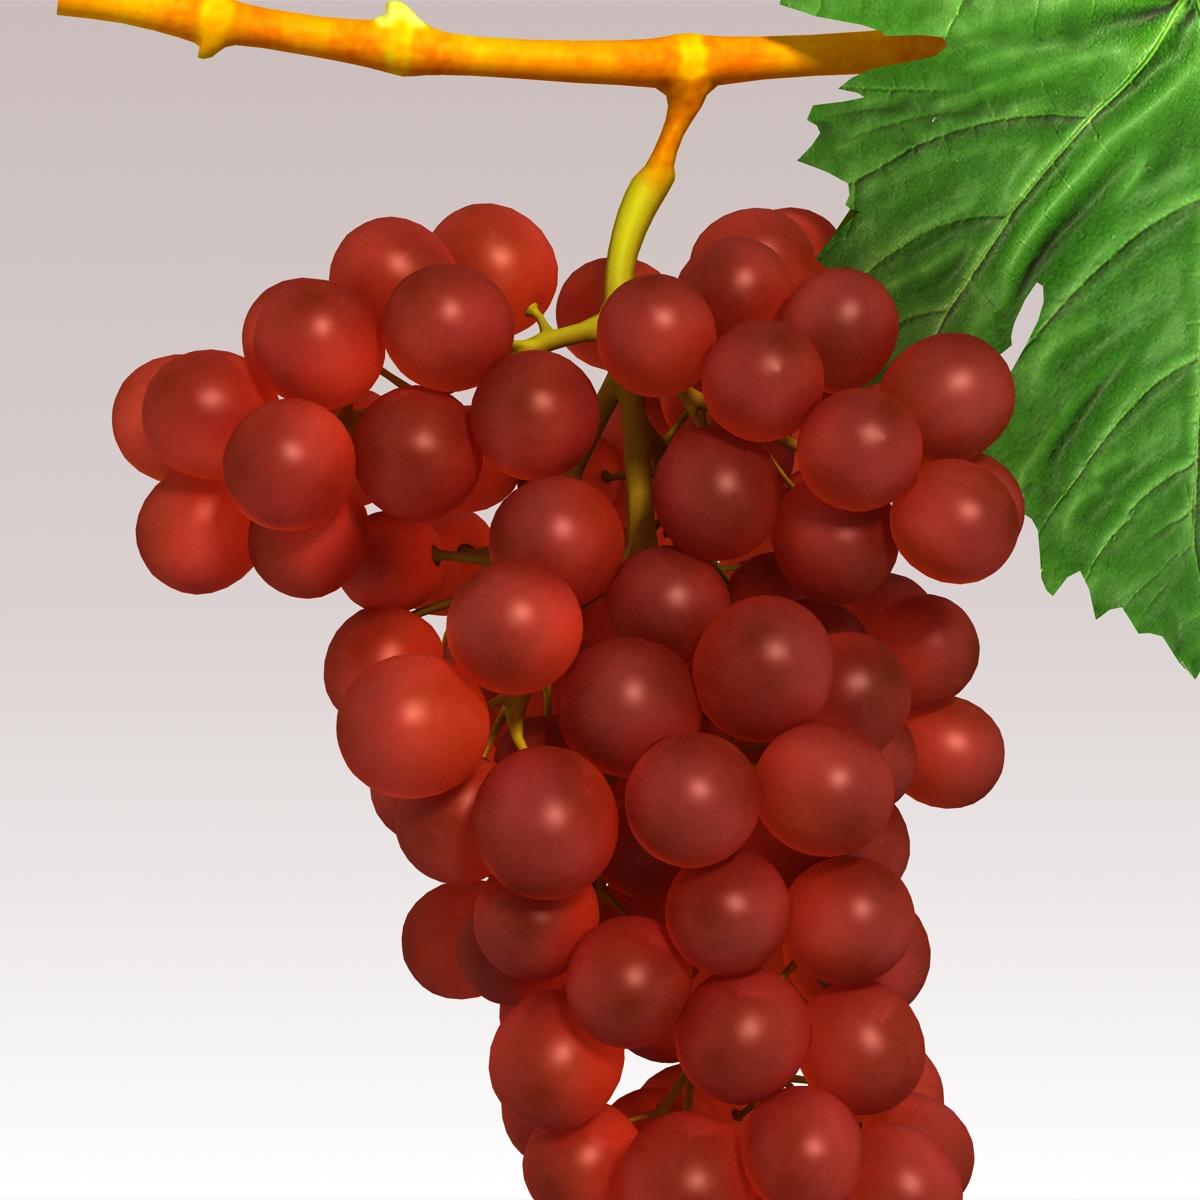 grapes red 3d model 3ds max fbx c4d lwo obj 204261